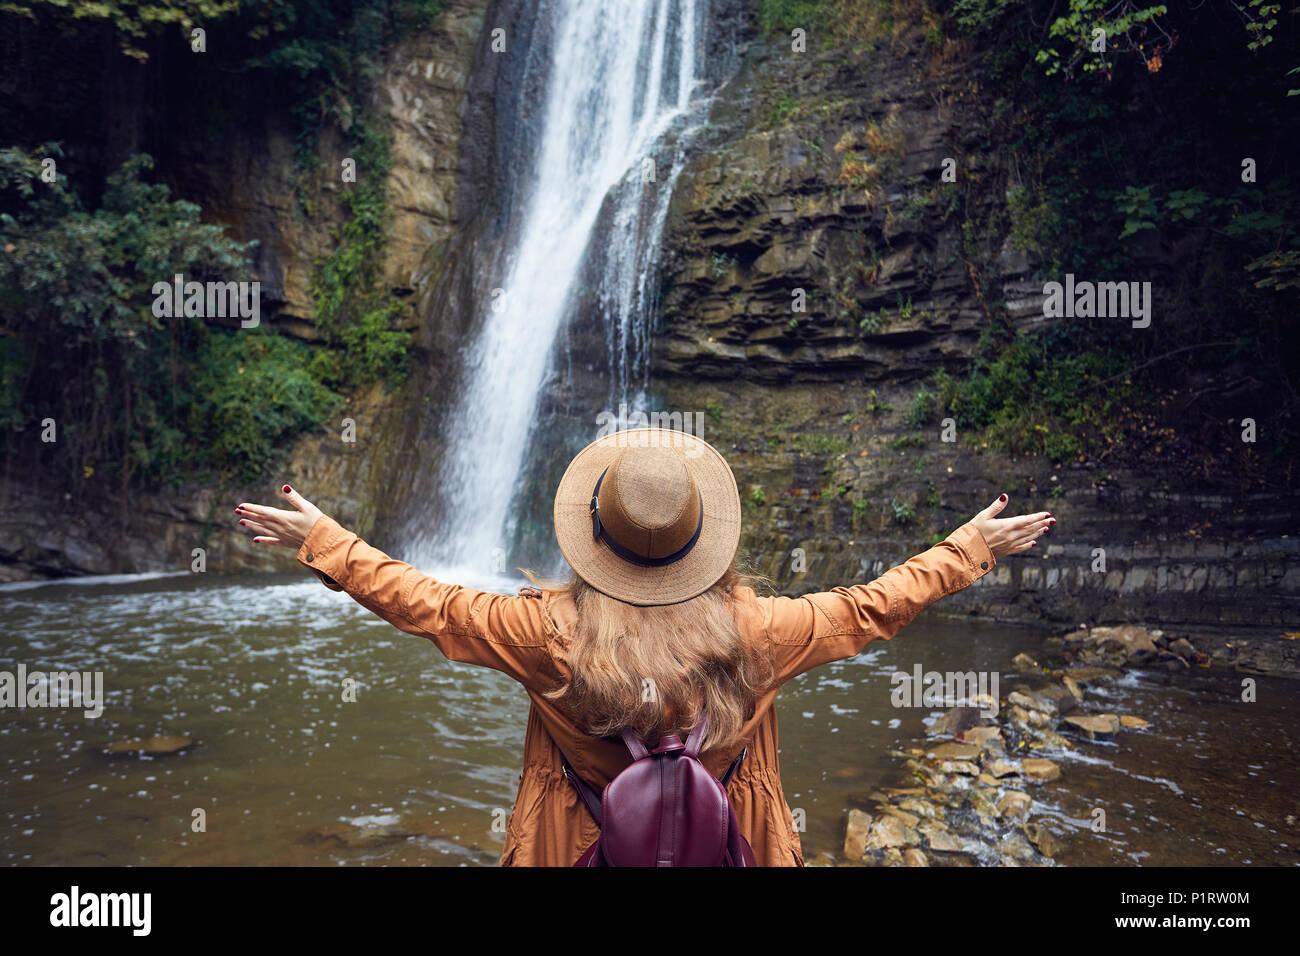 Frau in Hat sich Ihre Hand in der Nähe des Wasserfalls im Botanischen Garten in Tiflis, Georgien Stockbild